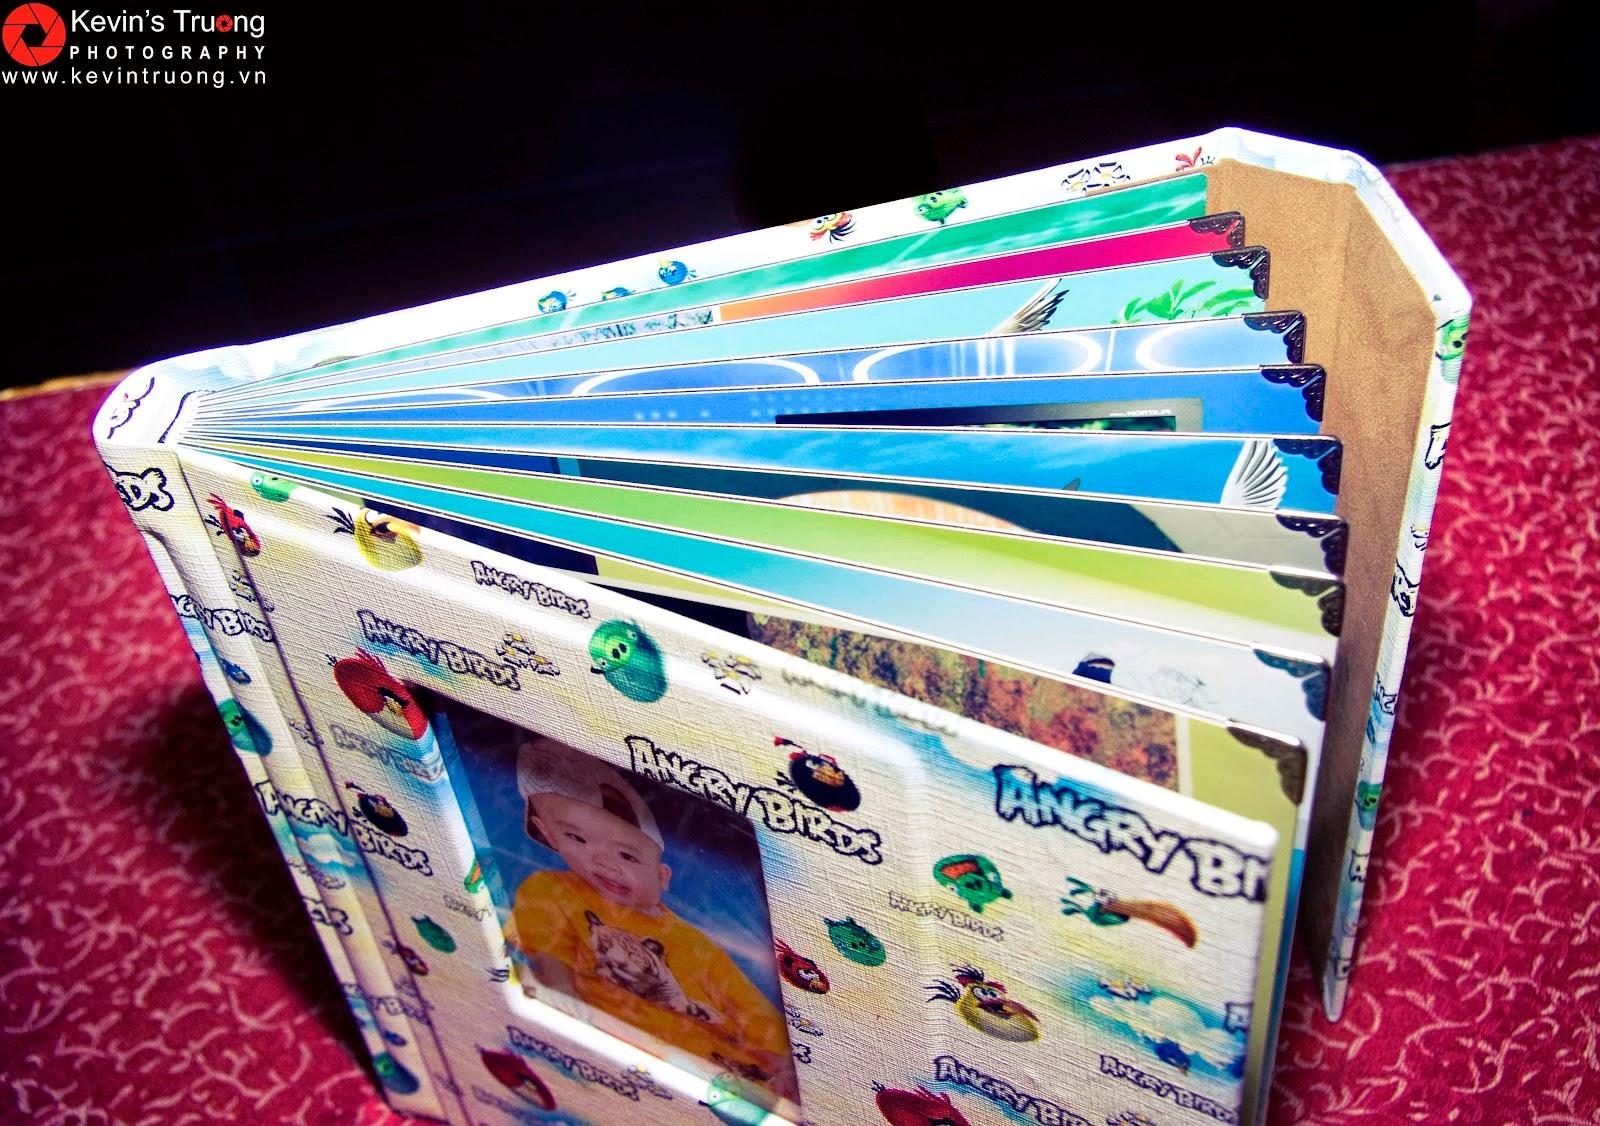 Gia Công-In Album Cát Kim Tuyến-Album 3D,Photobook,Ép gỗ các loại - 5